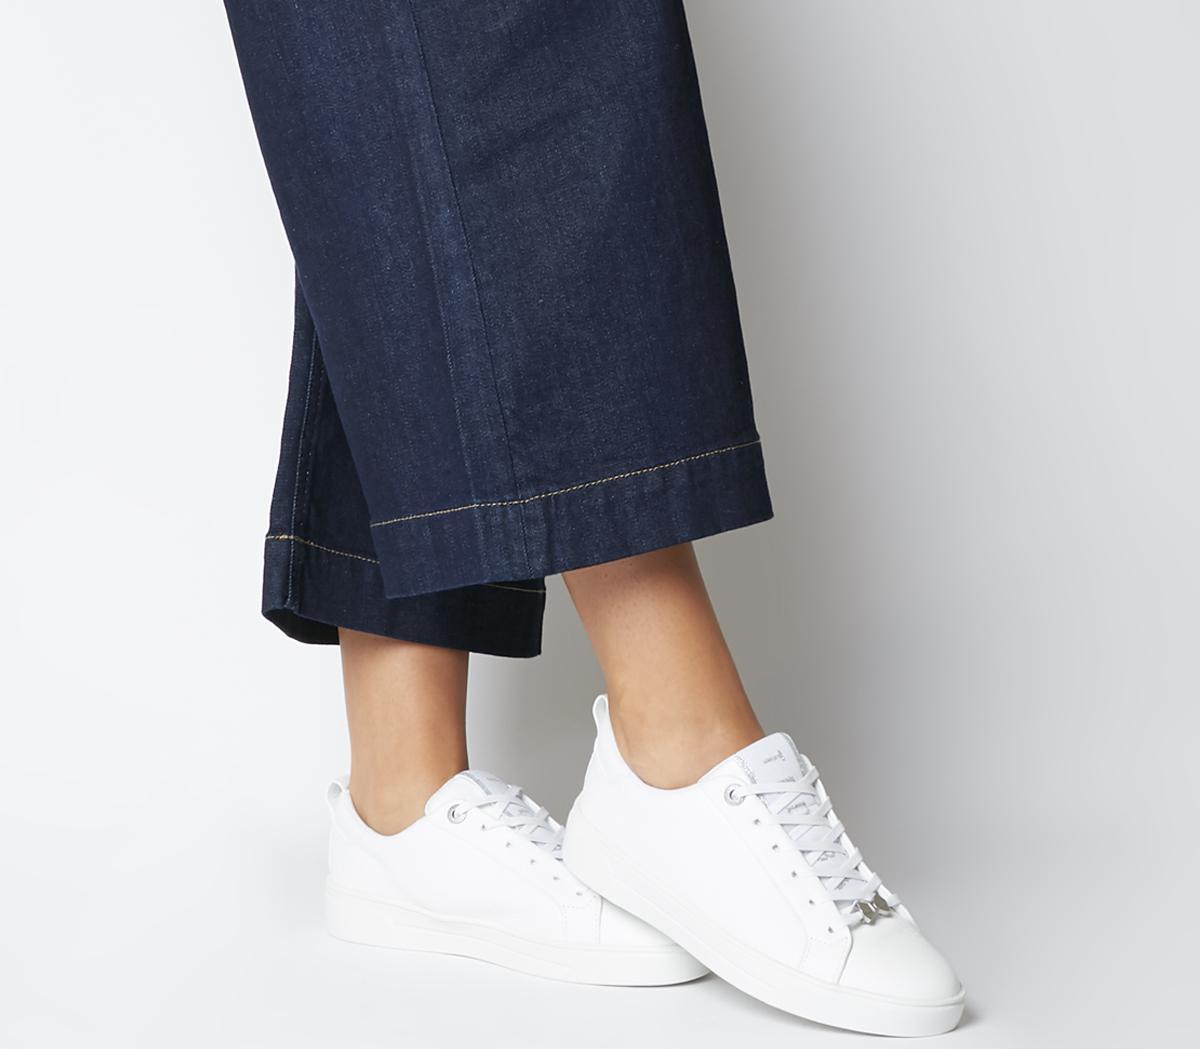 Tedah Sneakers